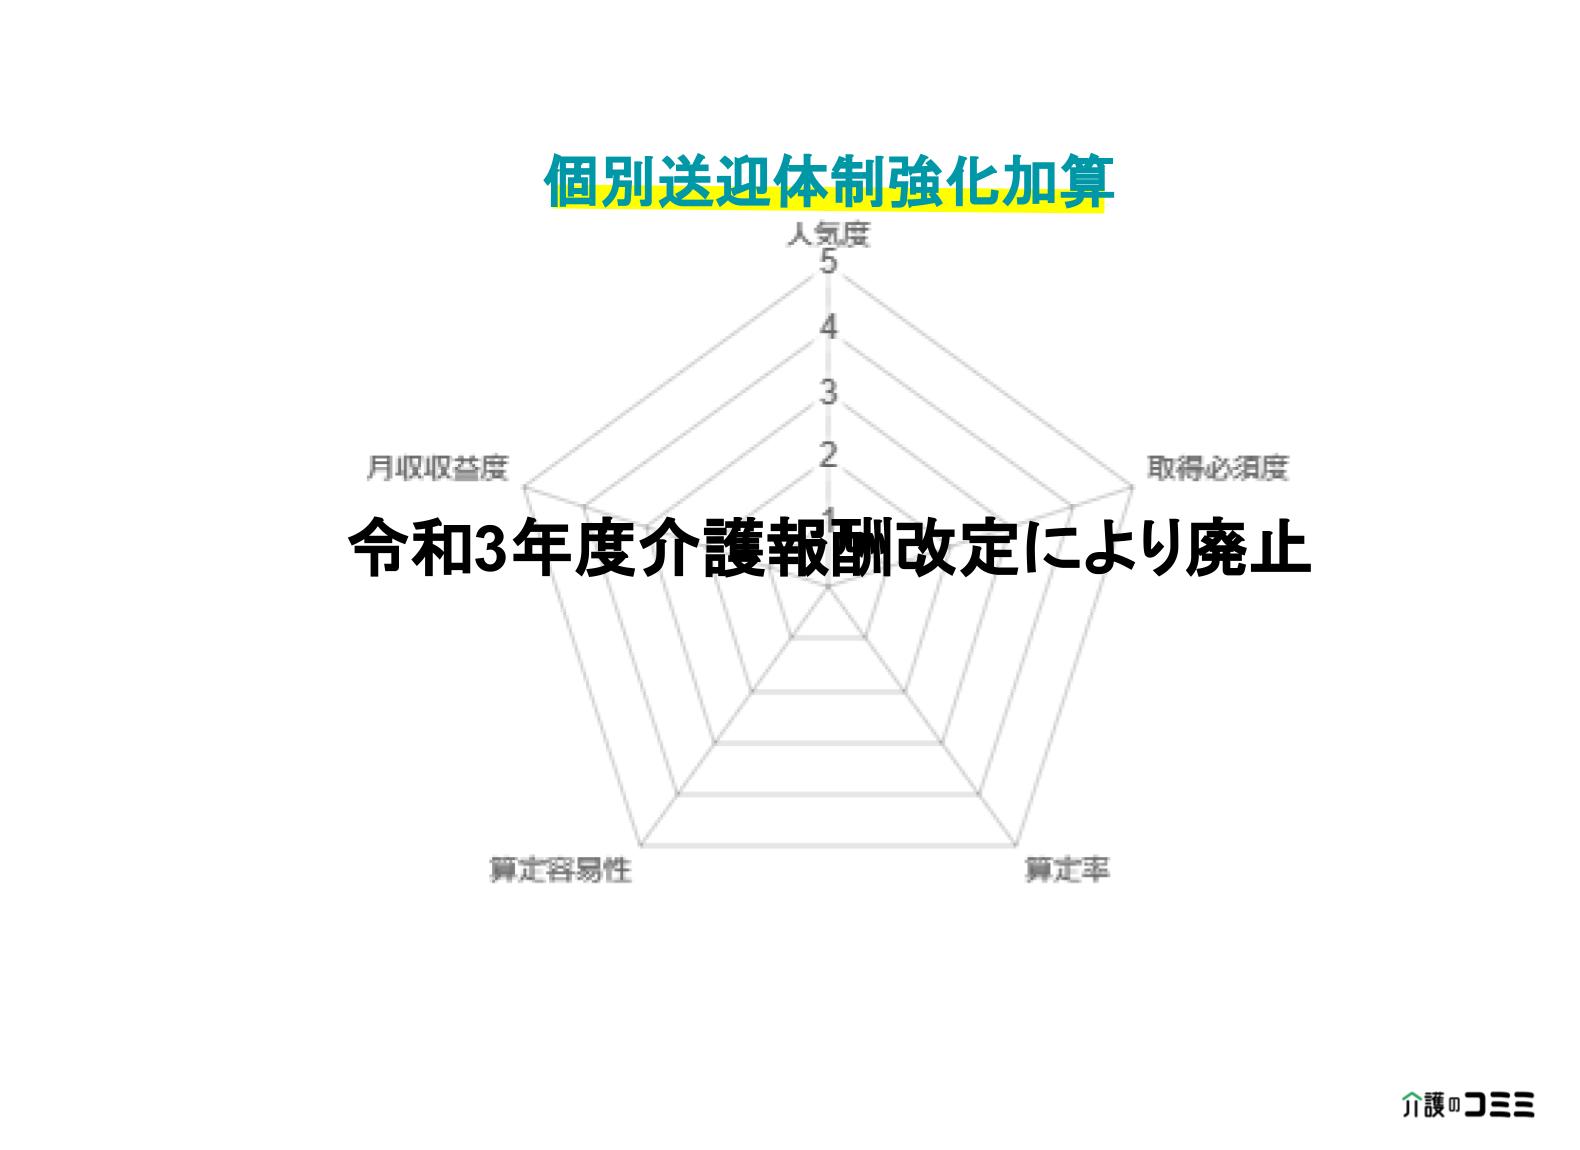 【加算ランキング】個別送迎体制強化加算とは?基礎から解説!